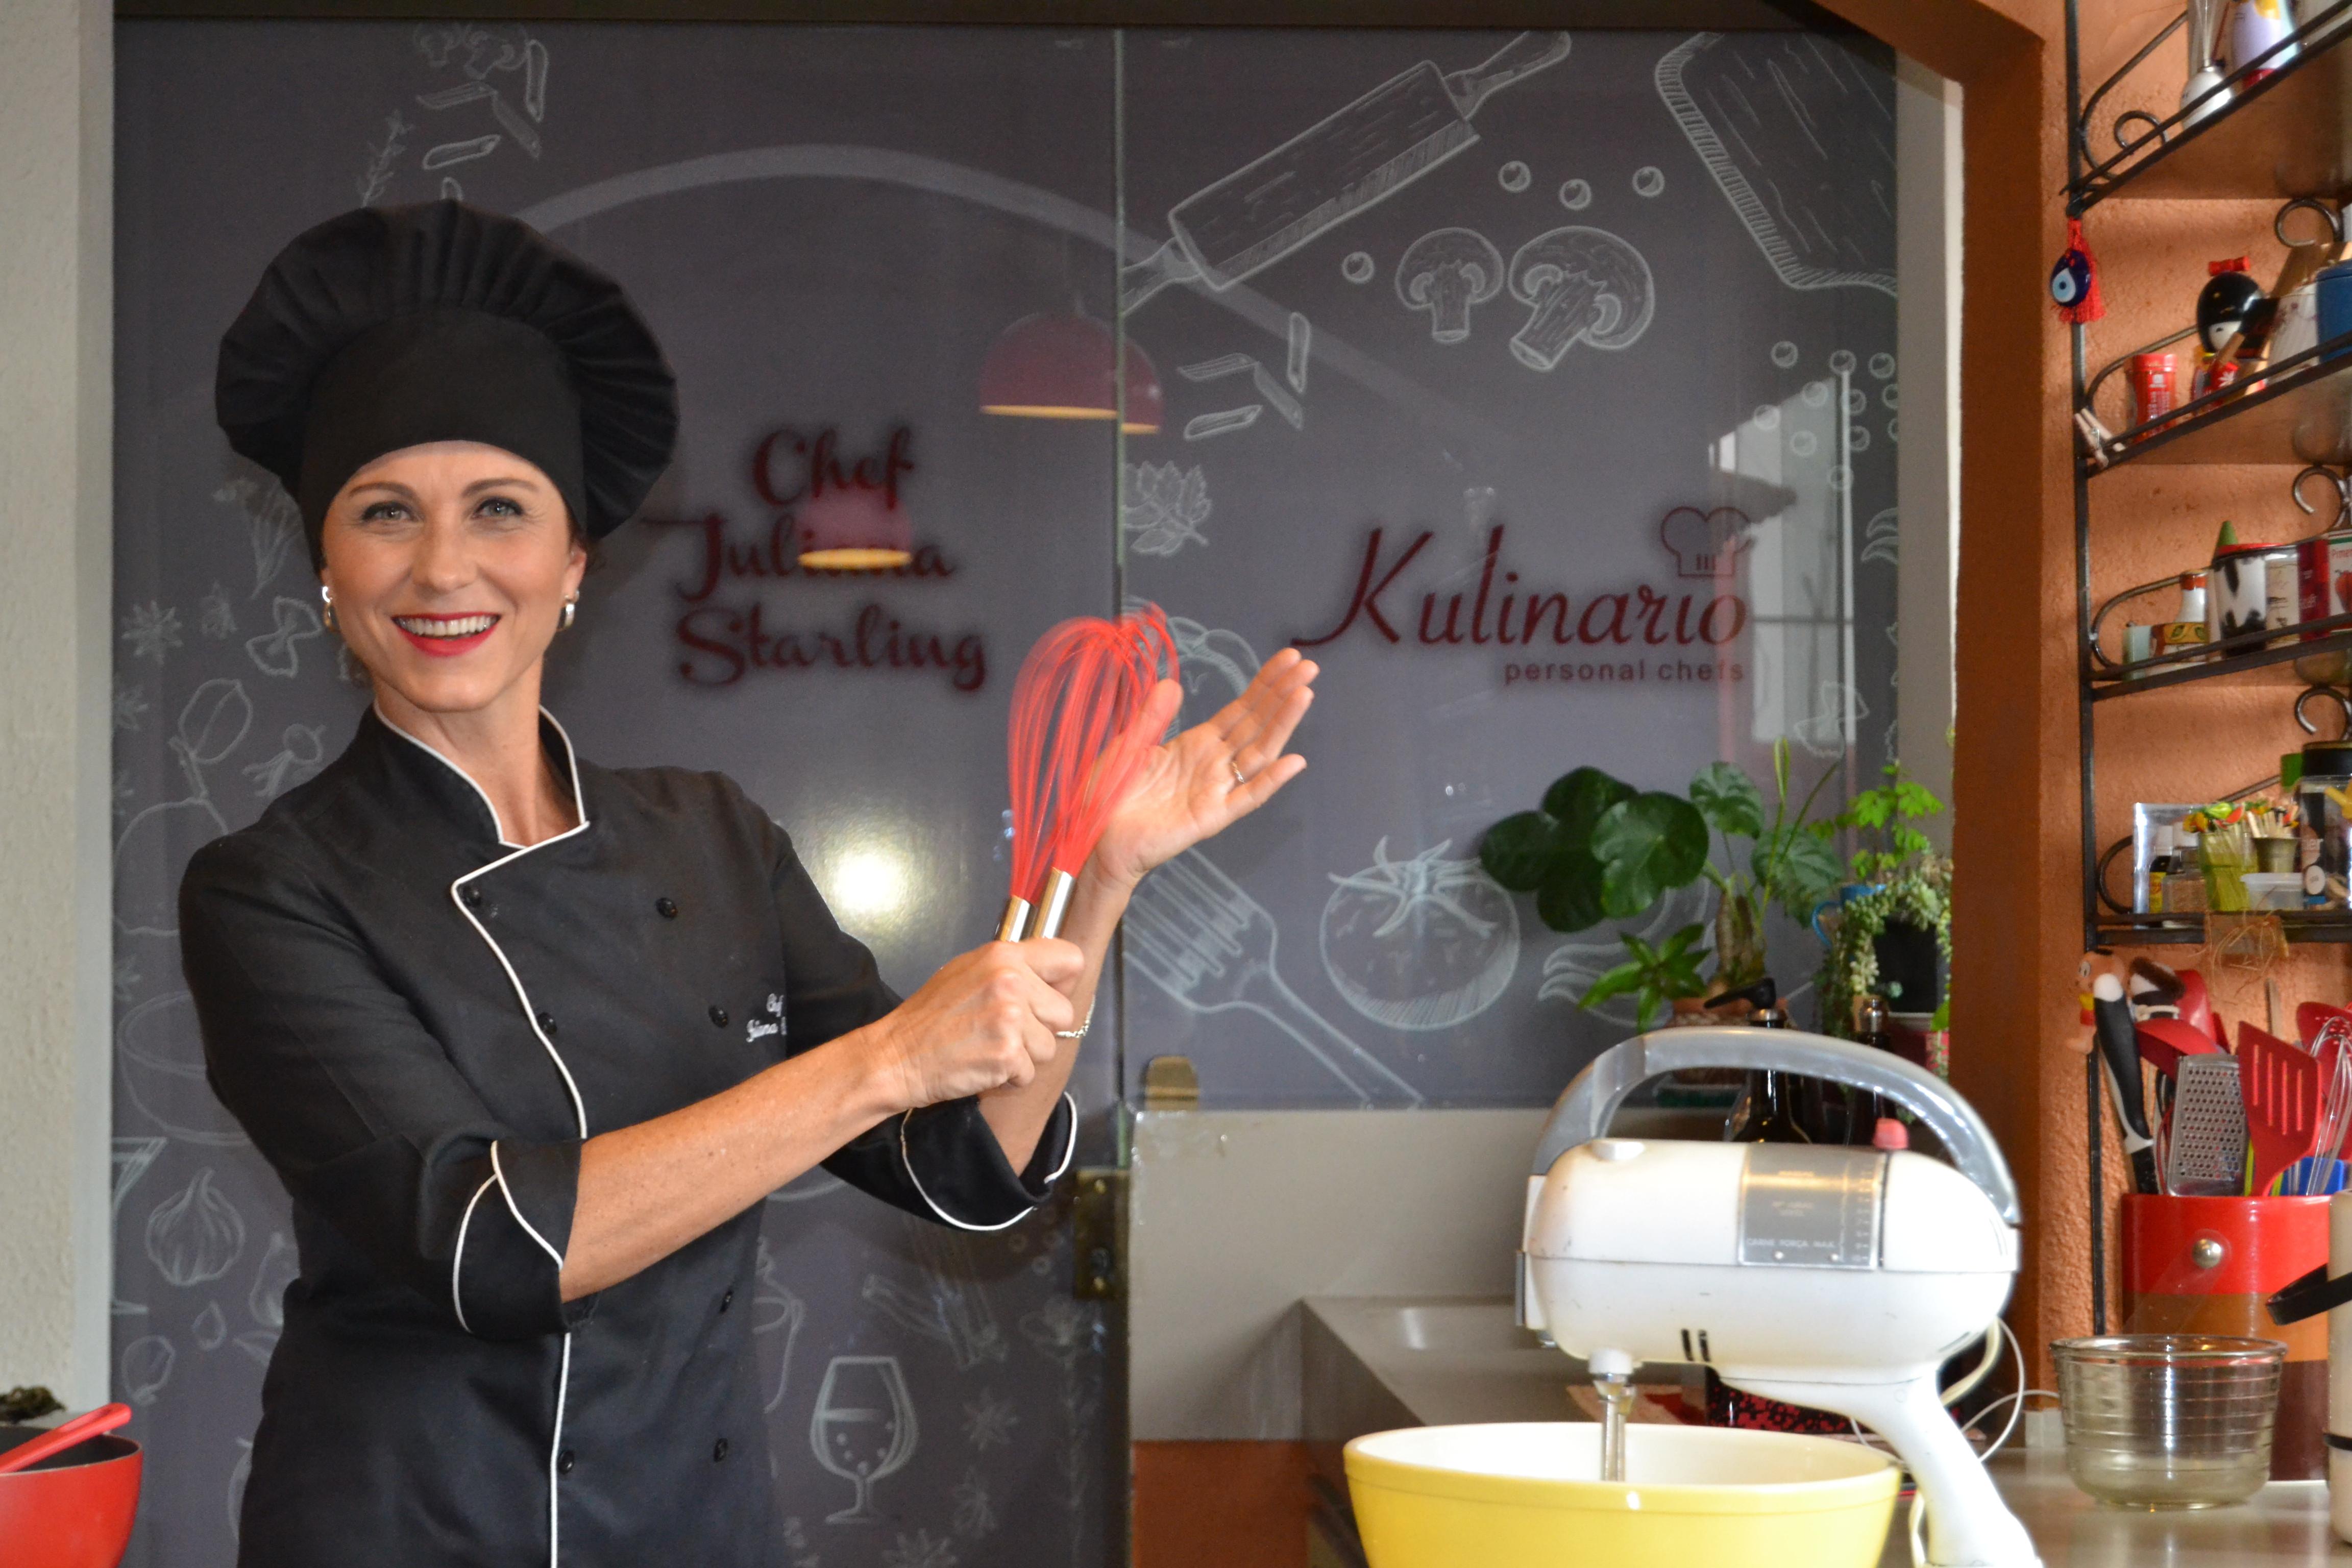 (c) Kulinario.com.br